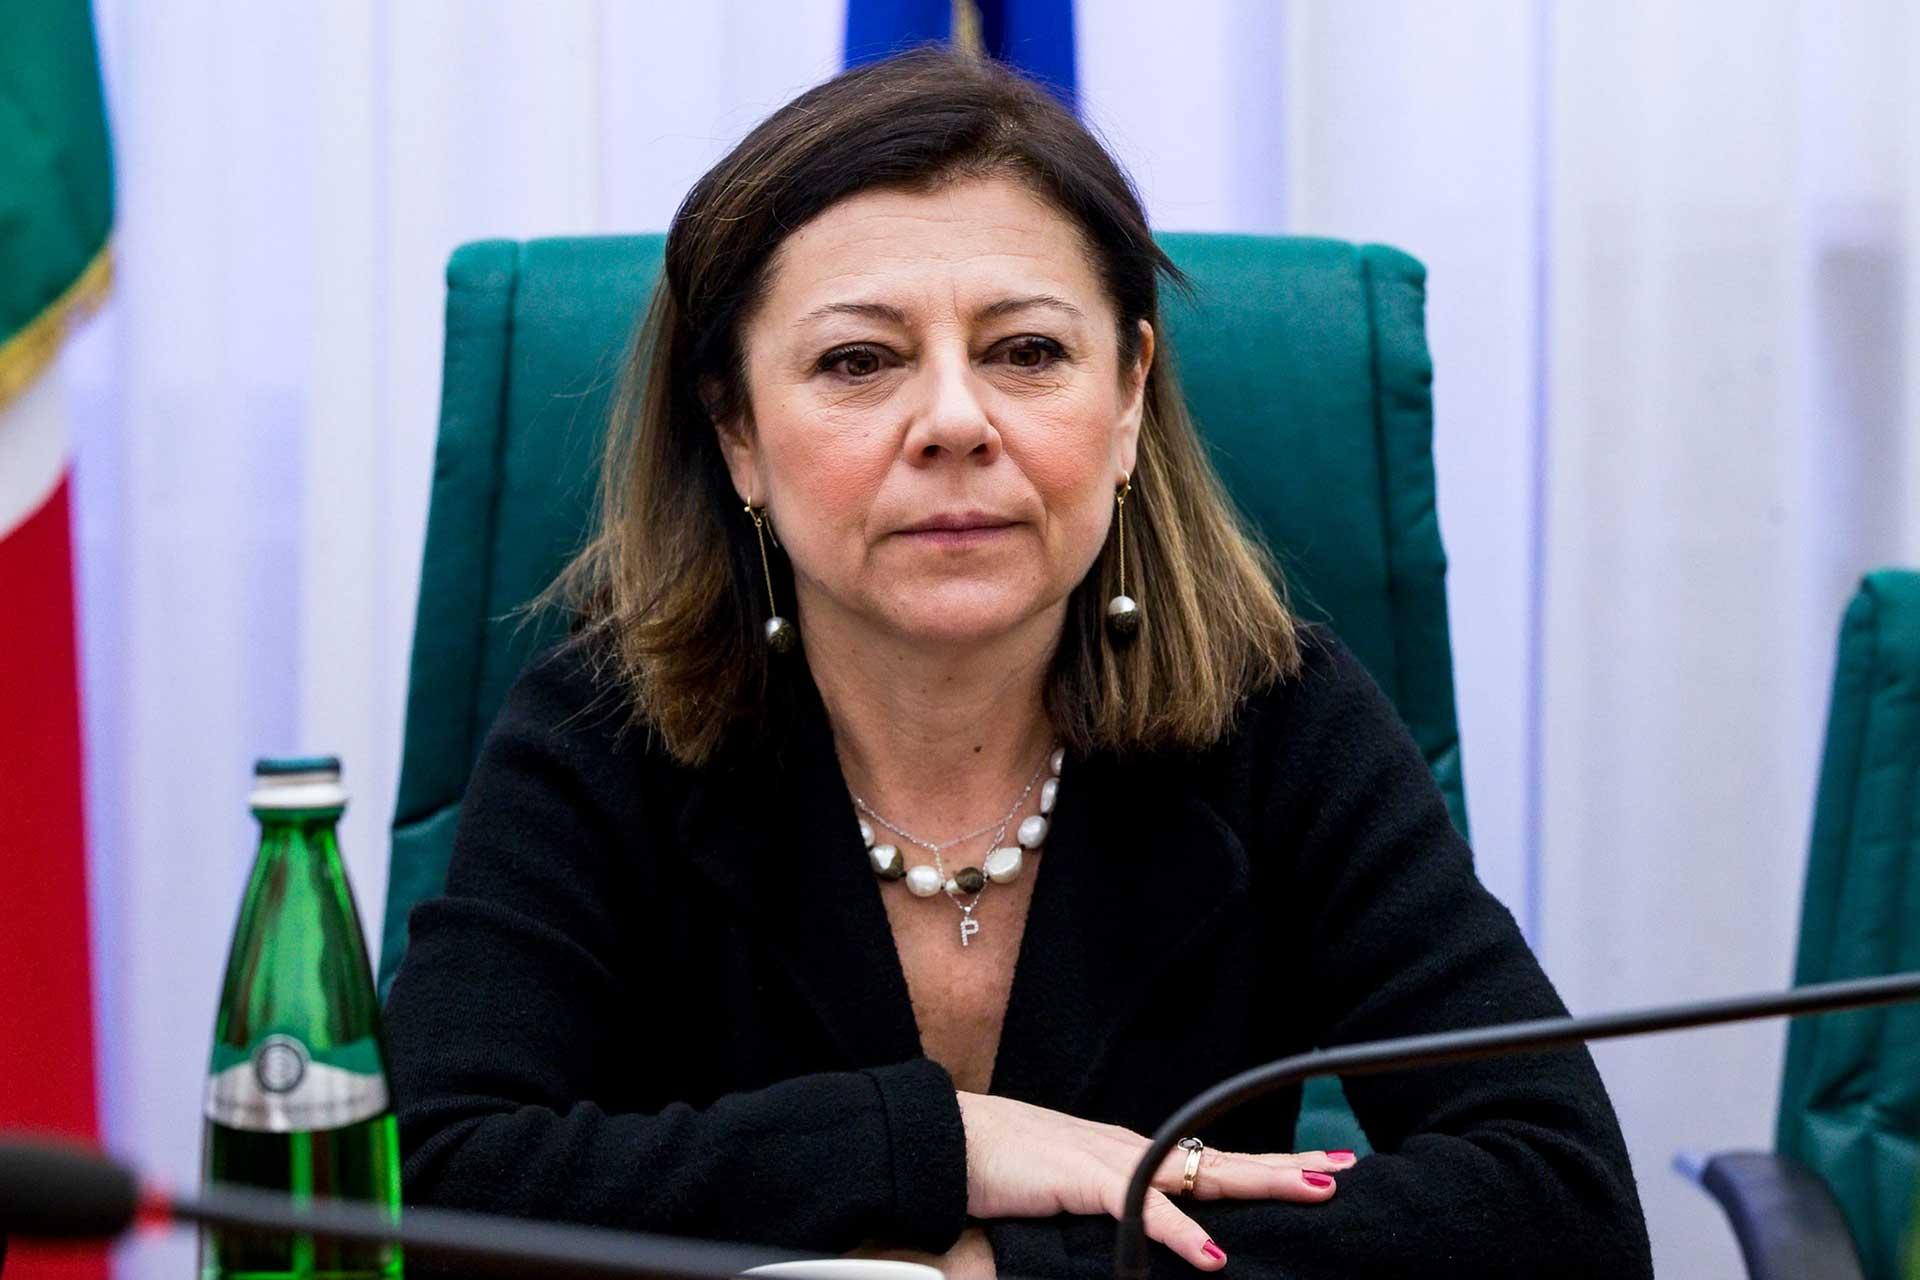 Paola De Micheli 20200423 0930 002 1920x1280 v2